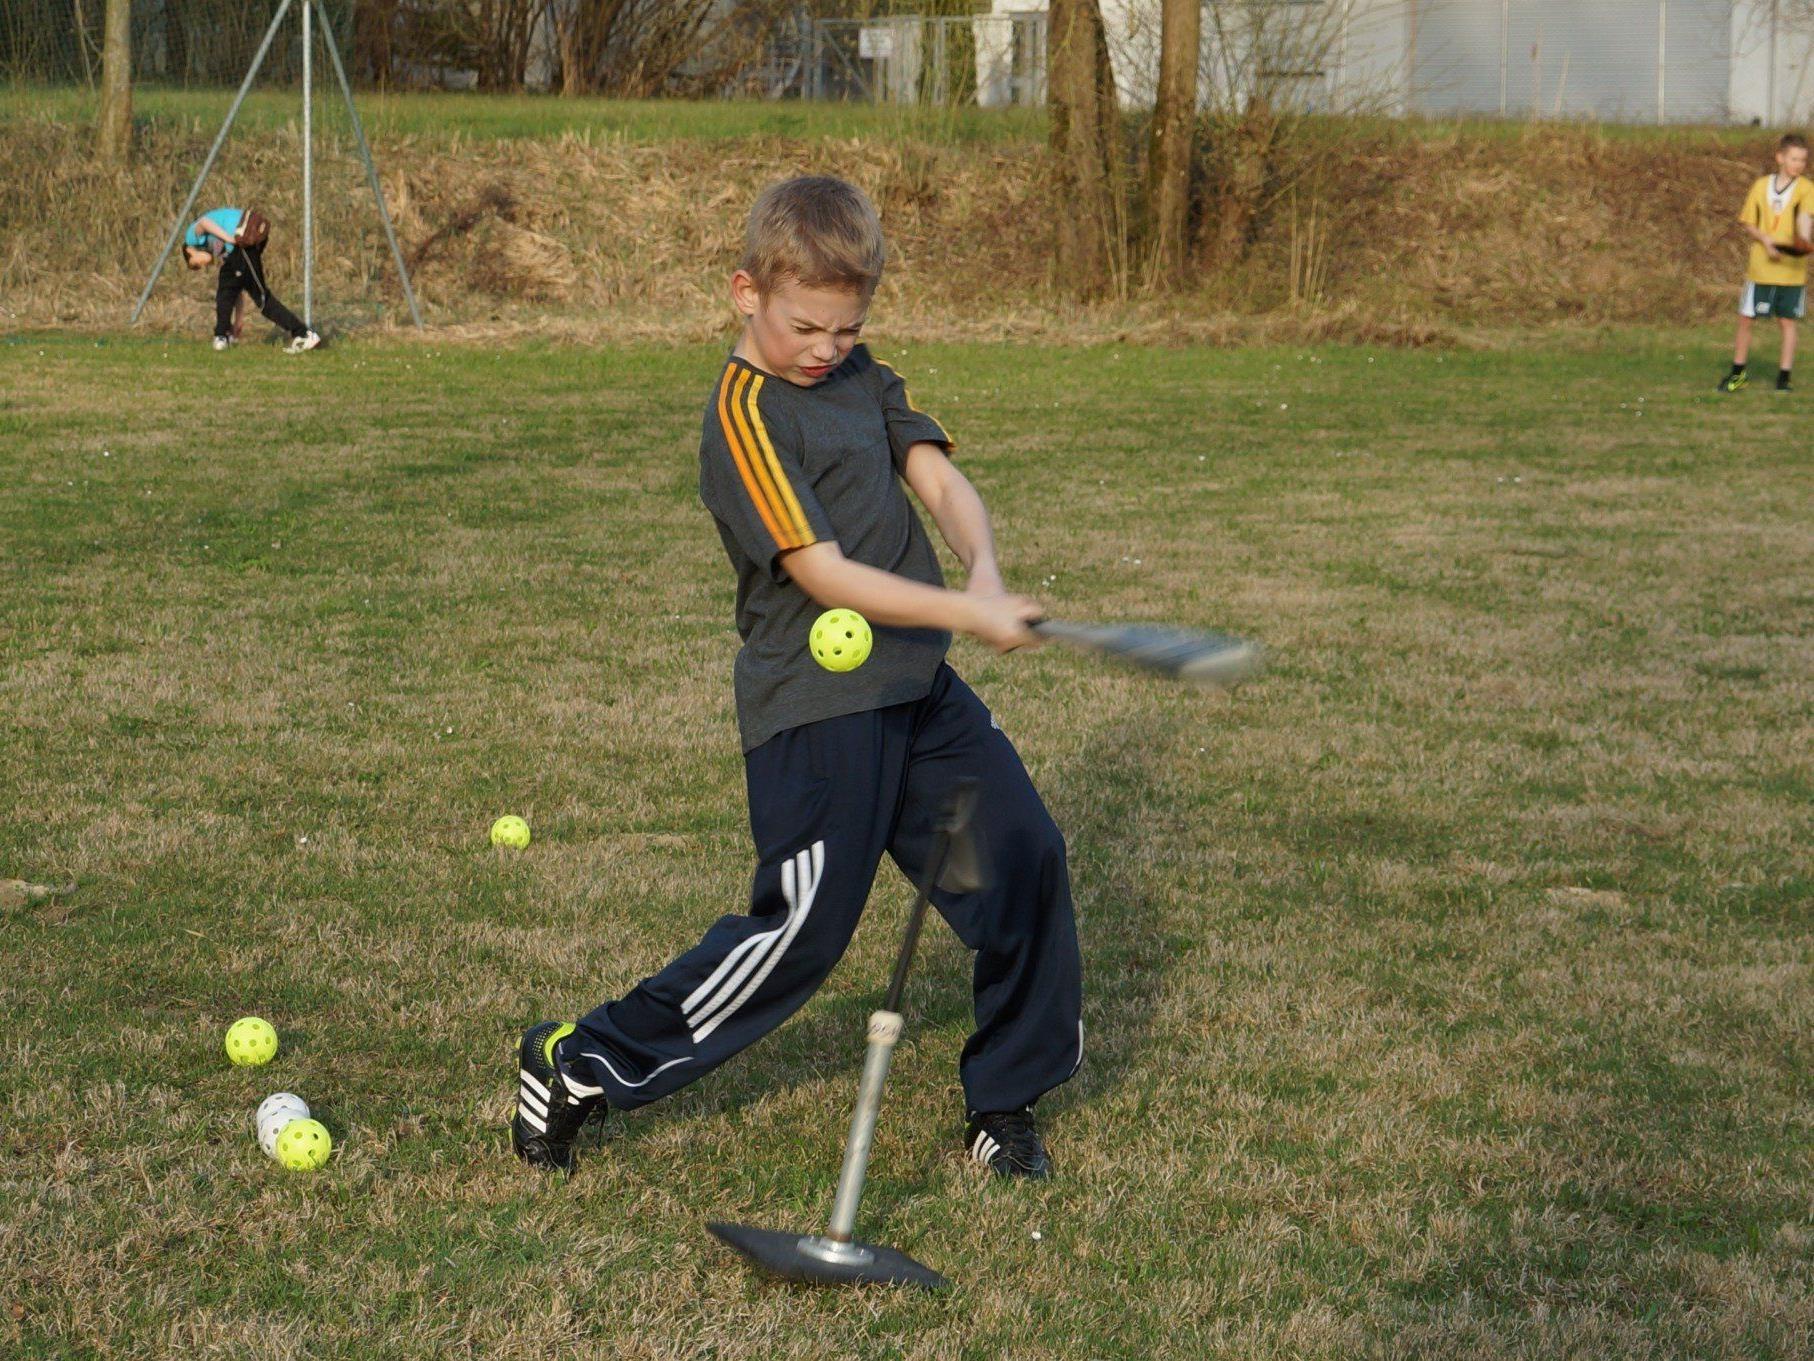 Wir brauchen Verstärkung: Die Lochau Mariners laden Jung und Alt zum Baseball-Spielen an den See.